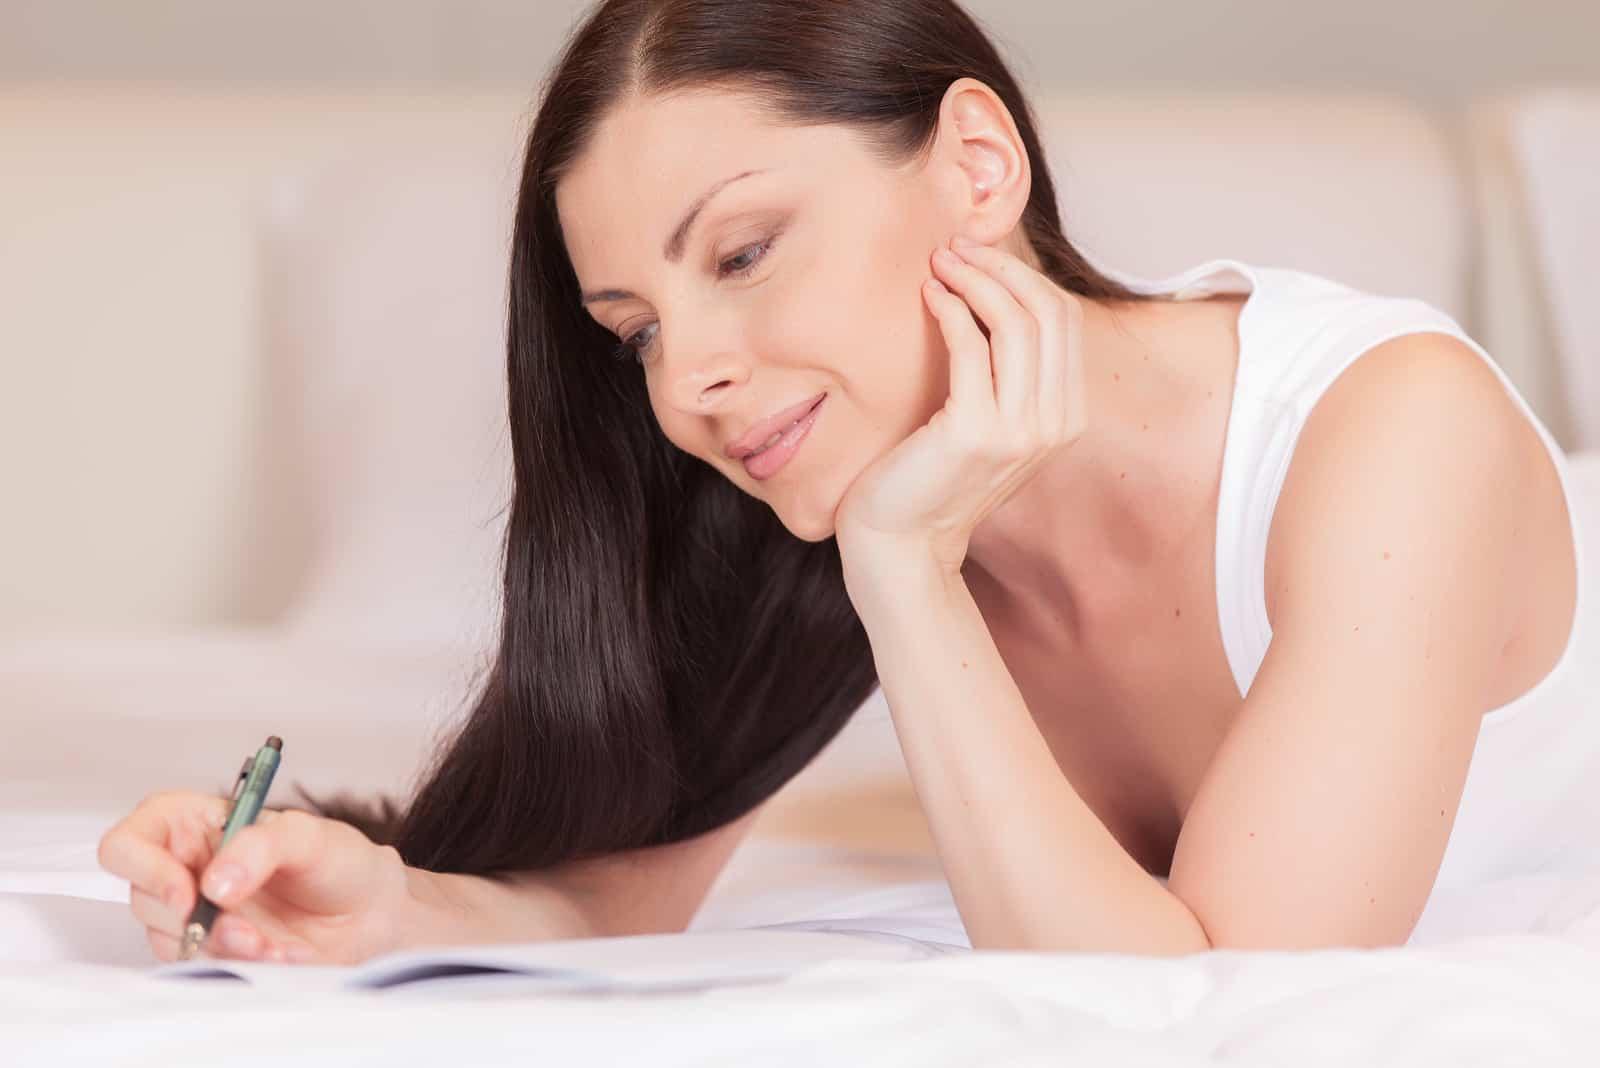 Mädchen schreibt Tagebuch, während es morgens im Bett liegt. schöne Brünette, die im Bett ruht und Brief schreibt